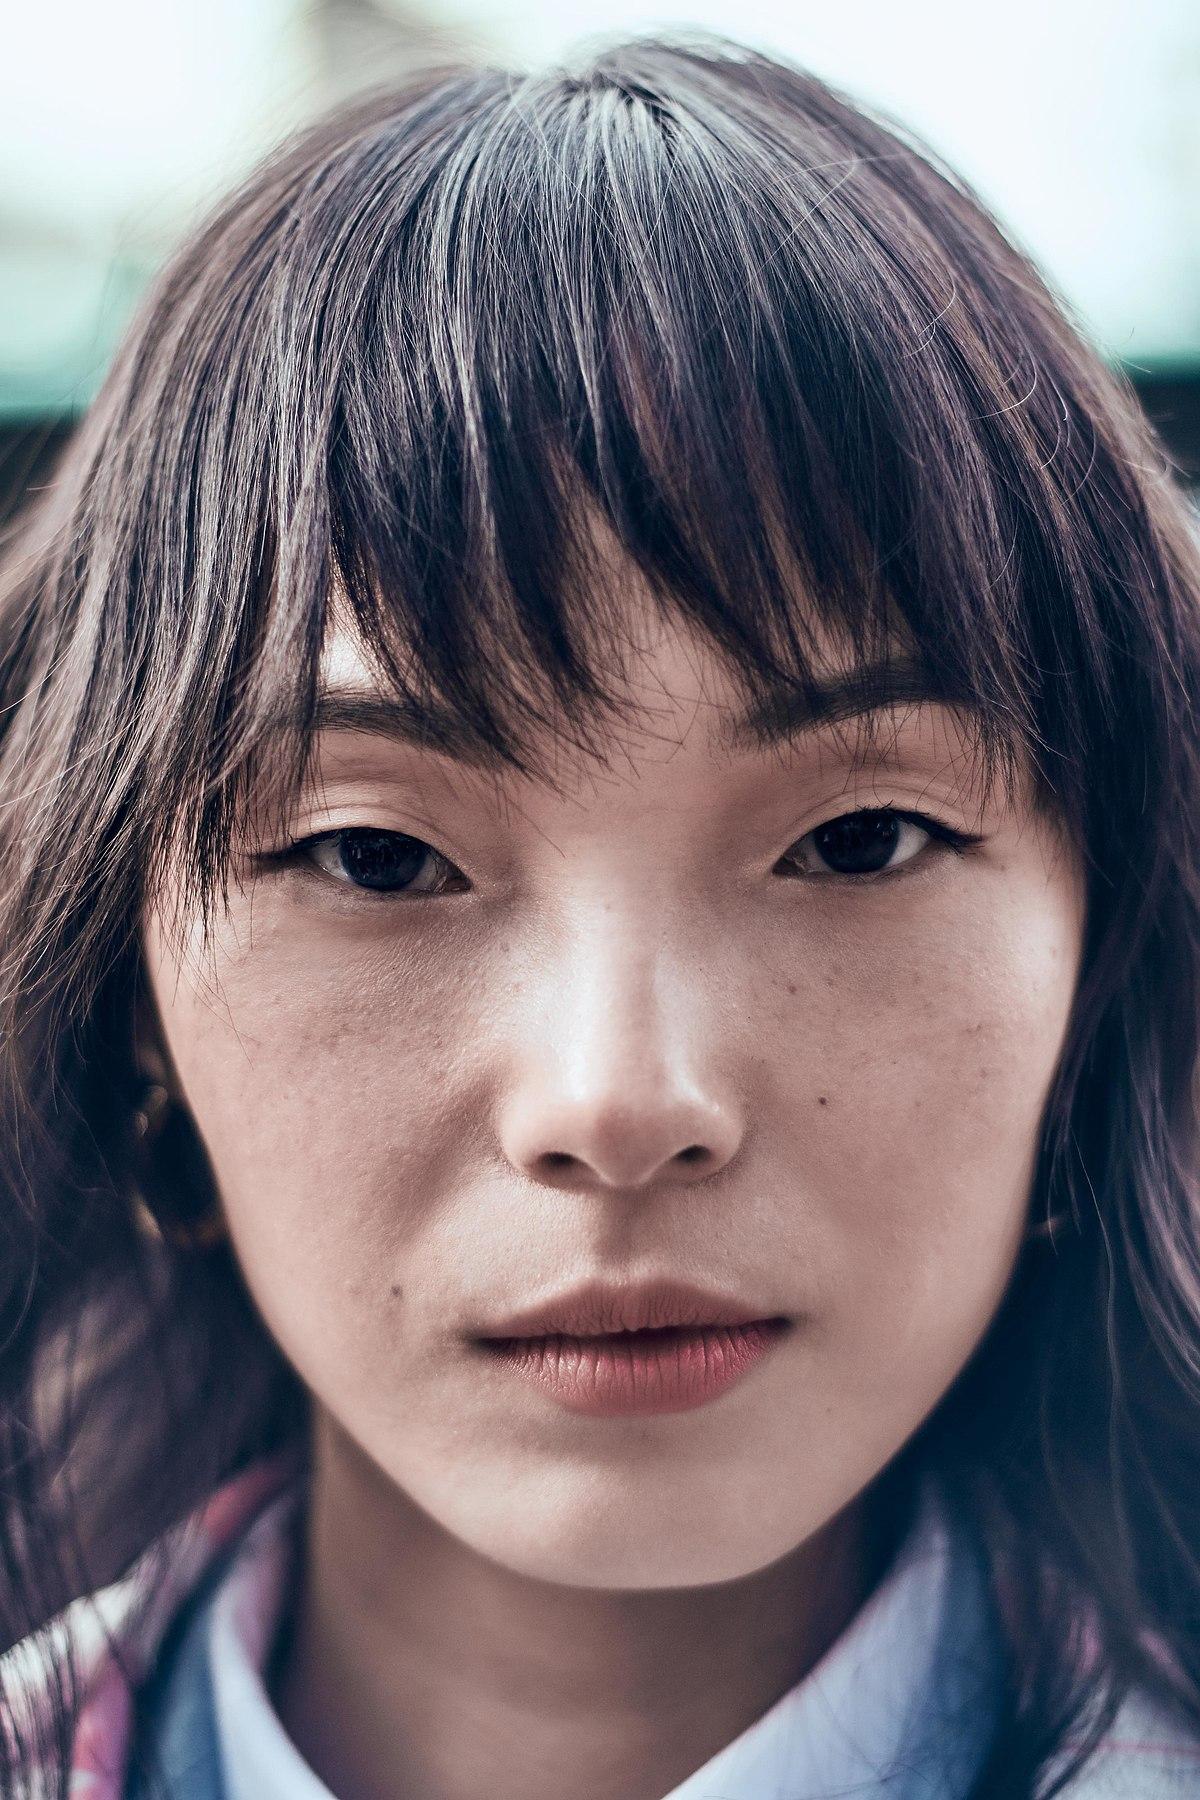 Xiao Wen Ju | Page 6 | the Fashion Spot